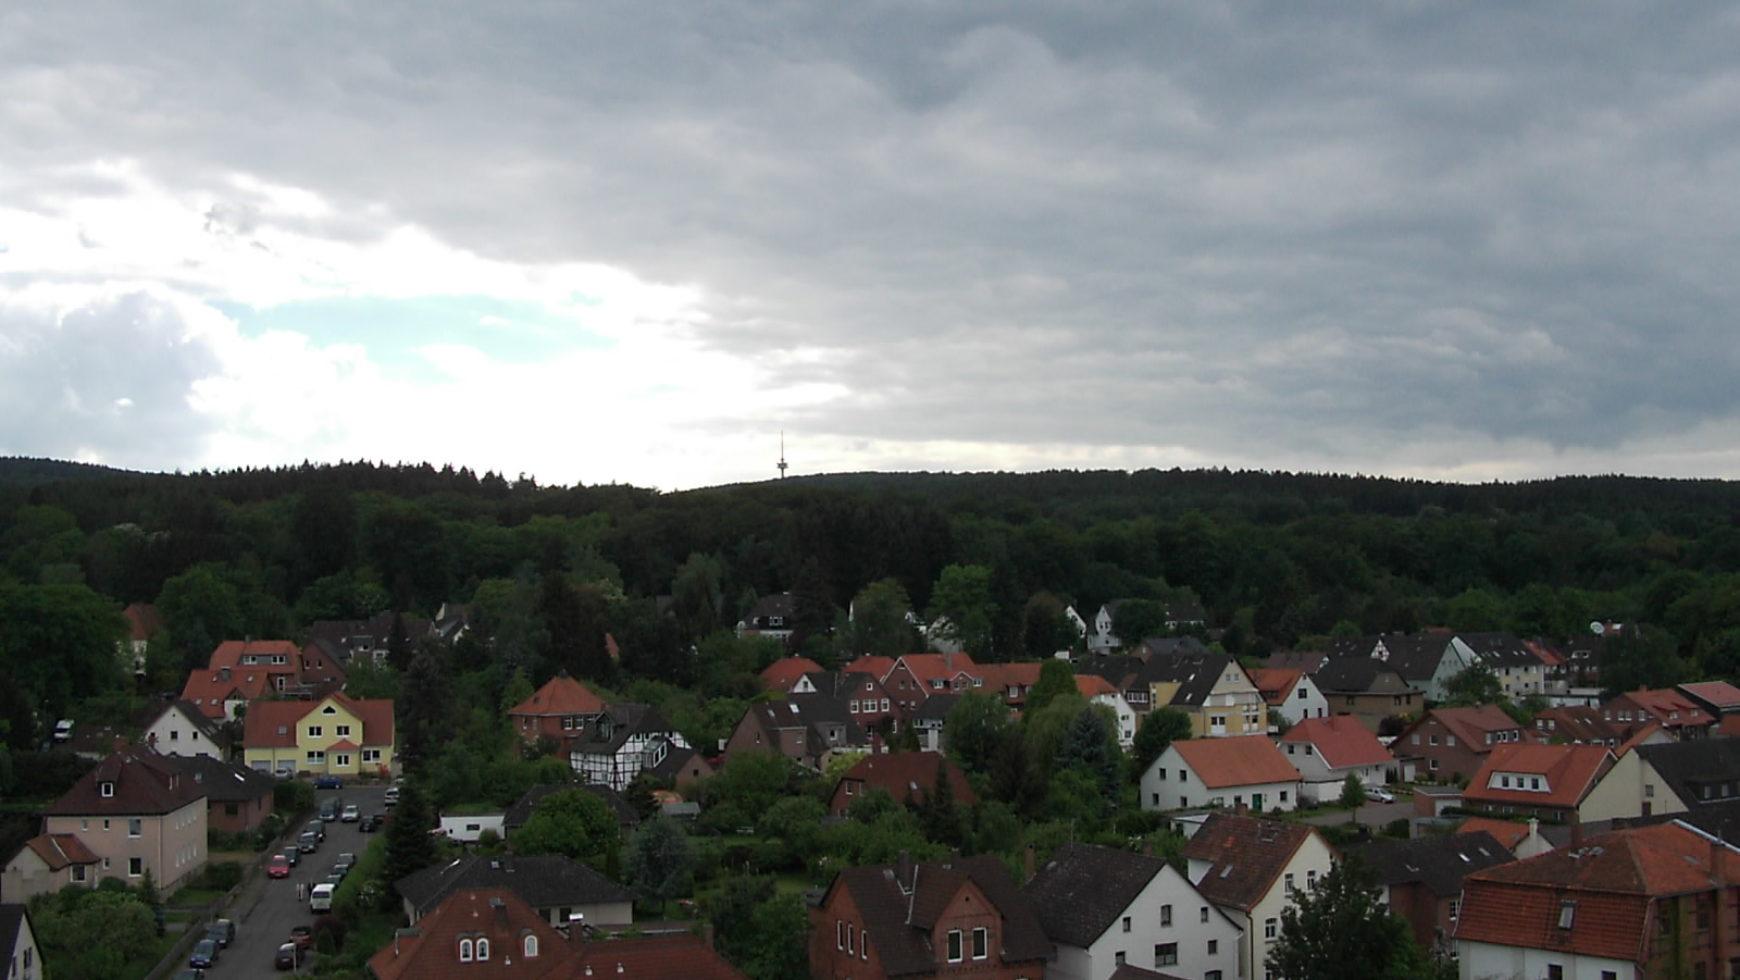 Kommunalwahl 2016: Fragen an Parteien und Wählergruppen aus Barsinghausen zur Veröffentlichung in der Calenberger Zeitung